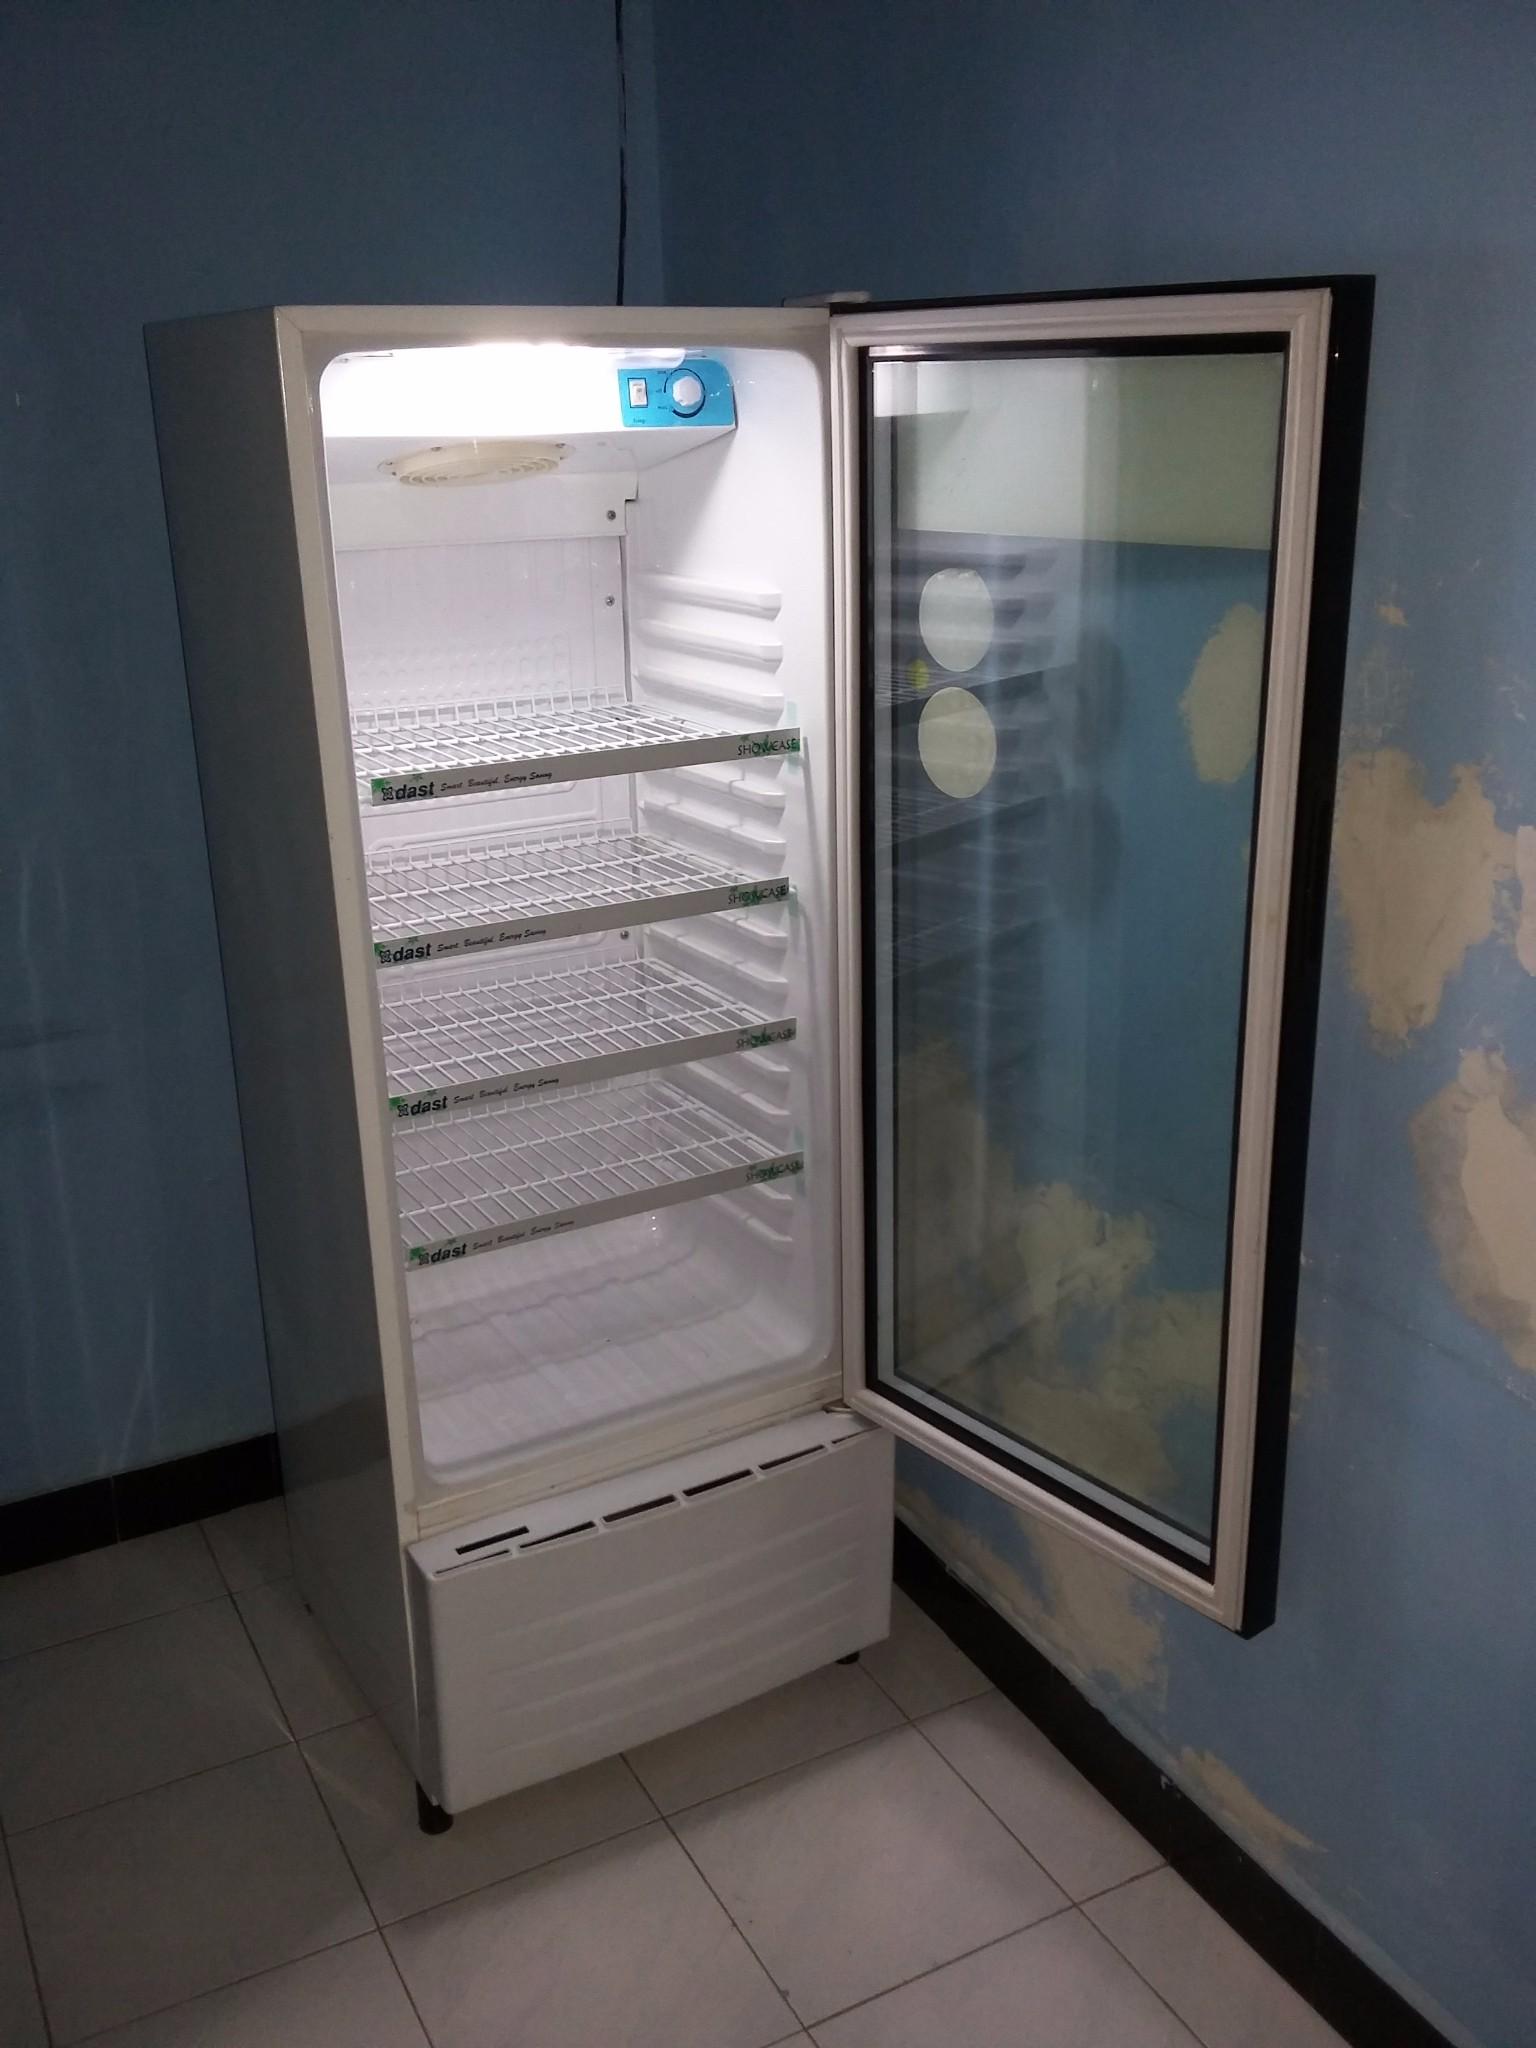 harga Kulkas Showcase / Display untuk Jualan Minuman Dingin merk Dast Tokopedia.com